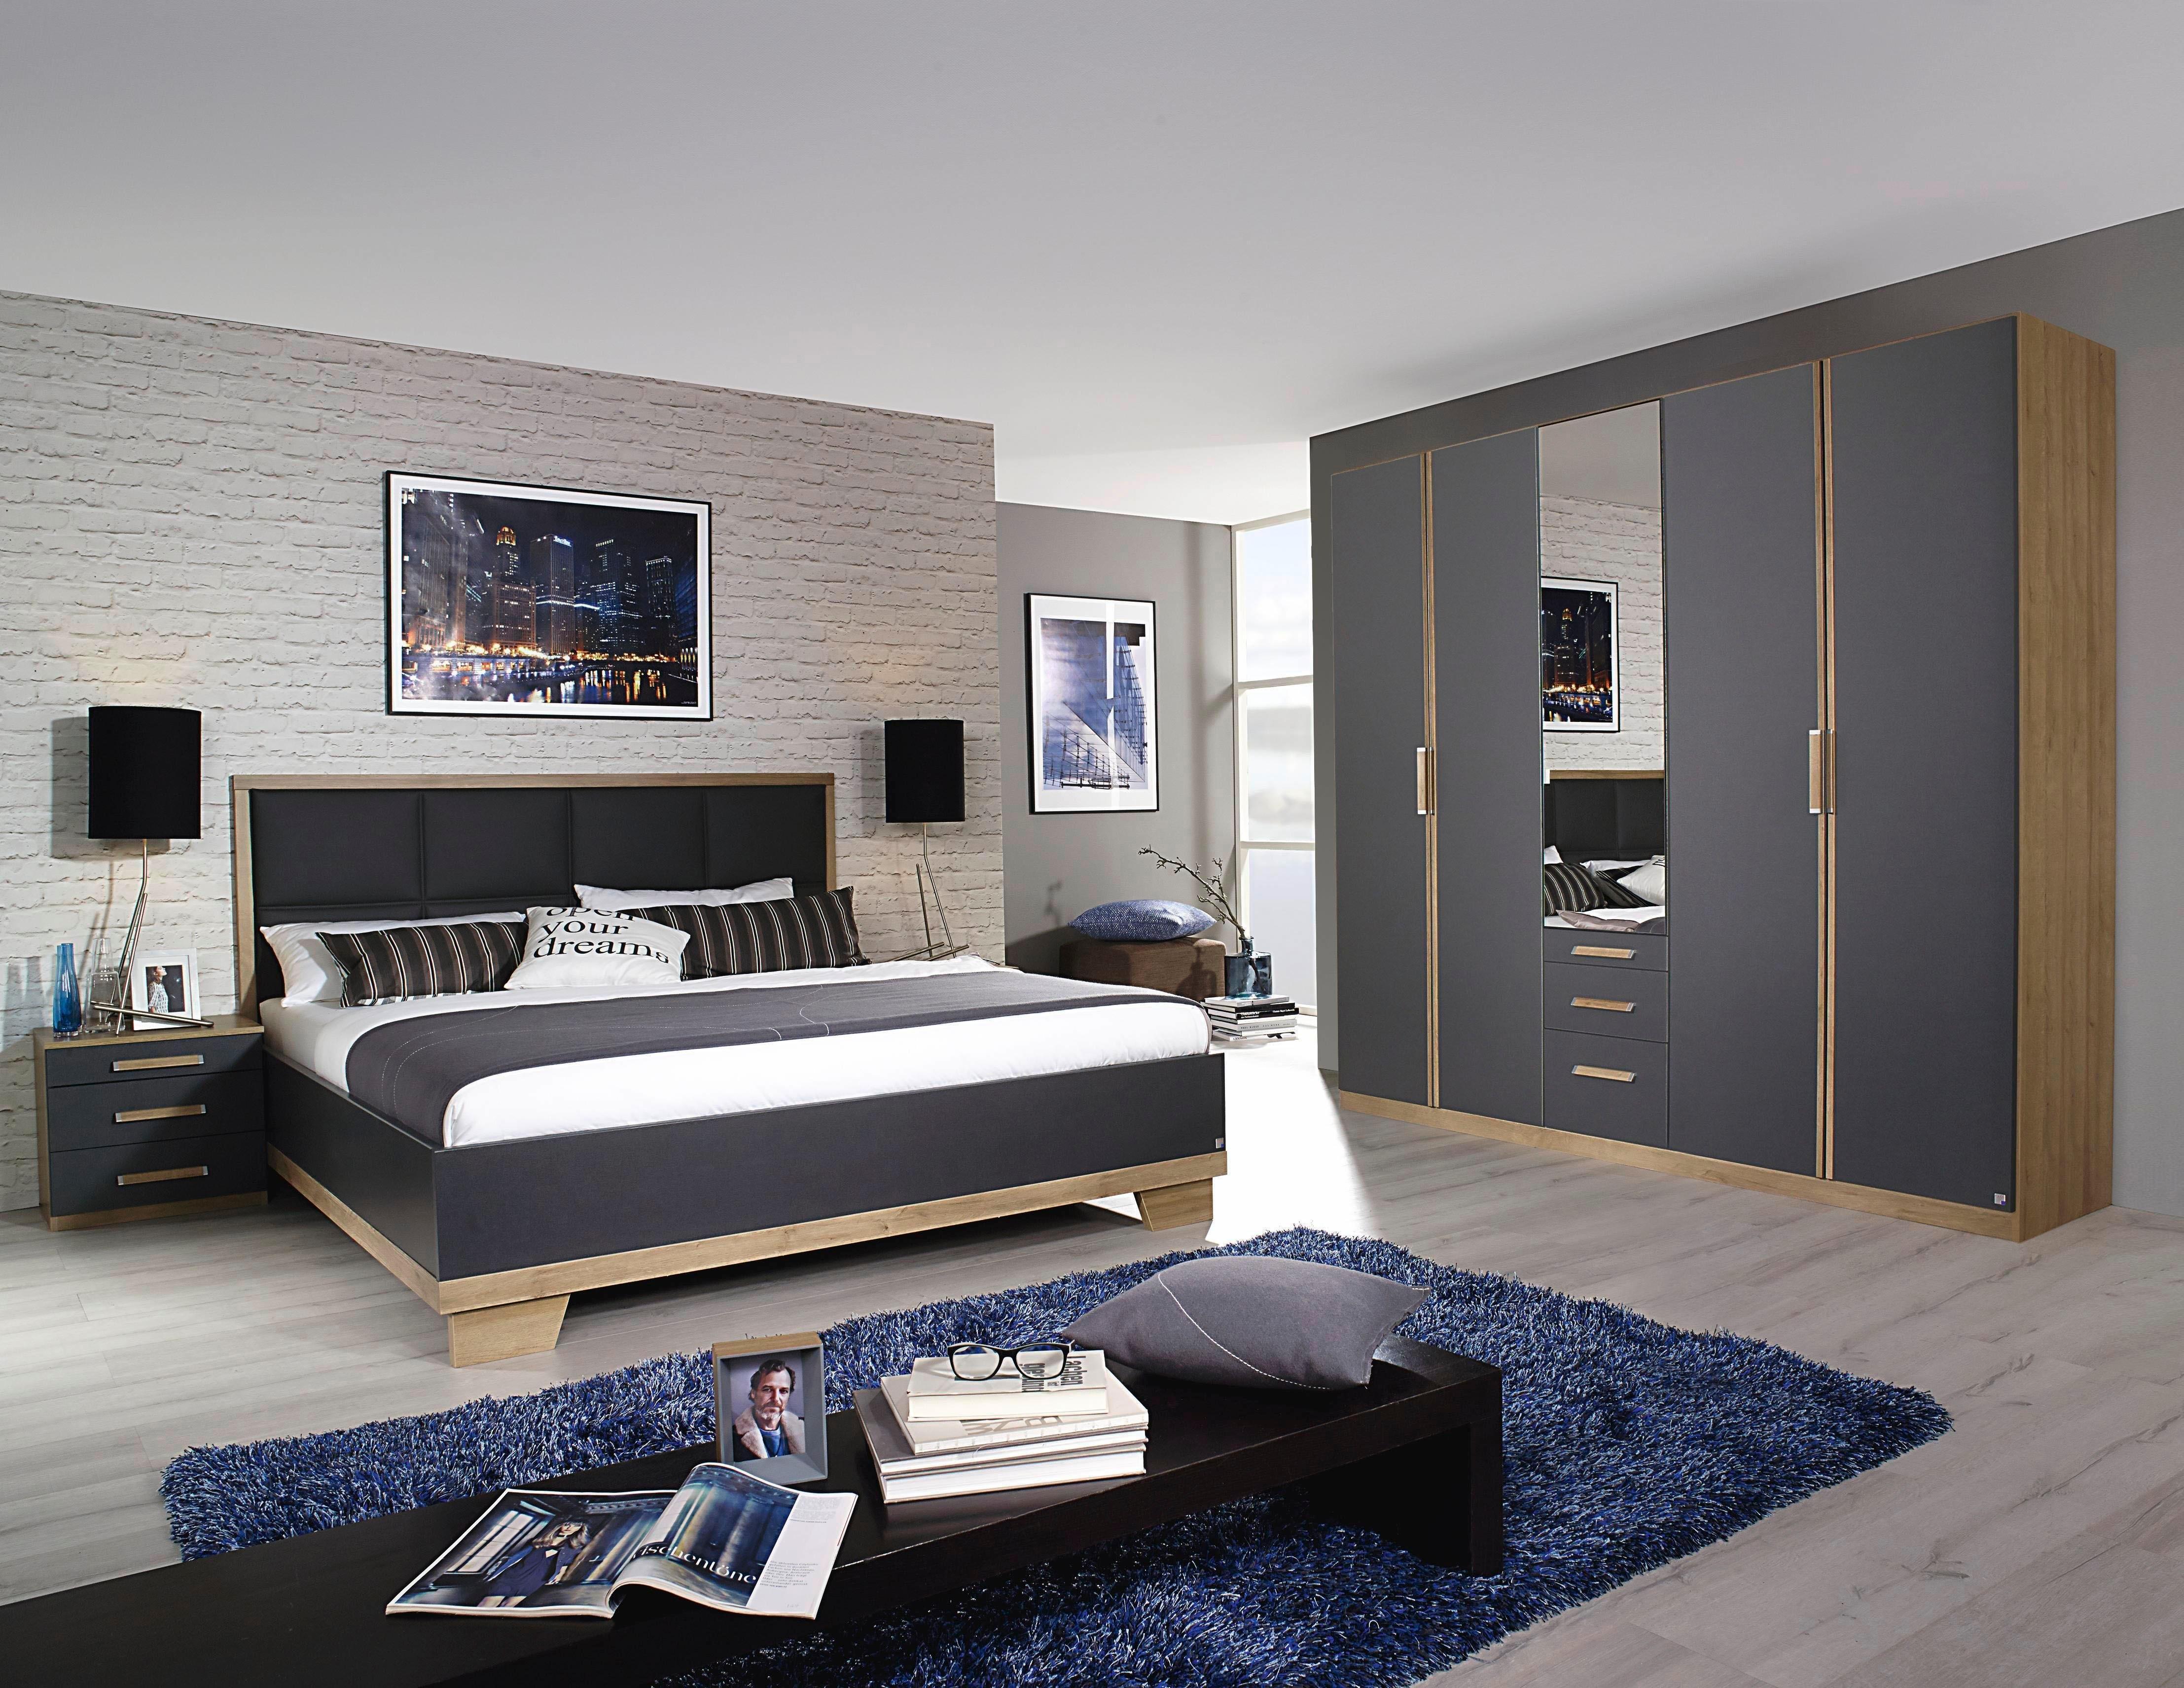 rauch slaapkamer voordeelset altona 4 dlg grijs